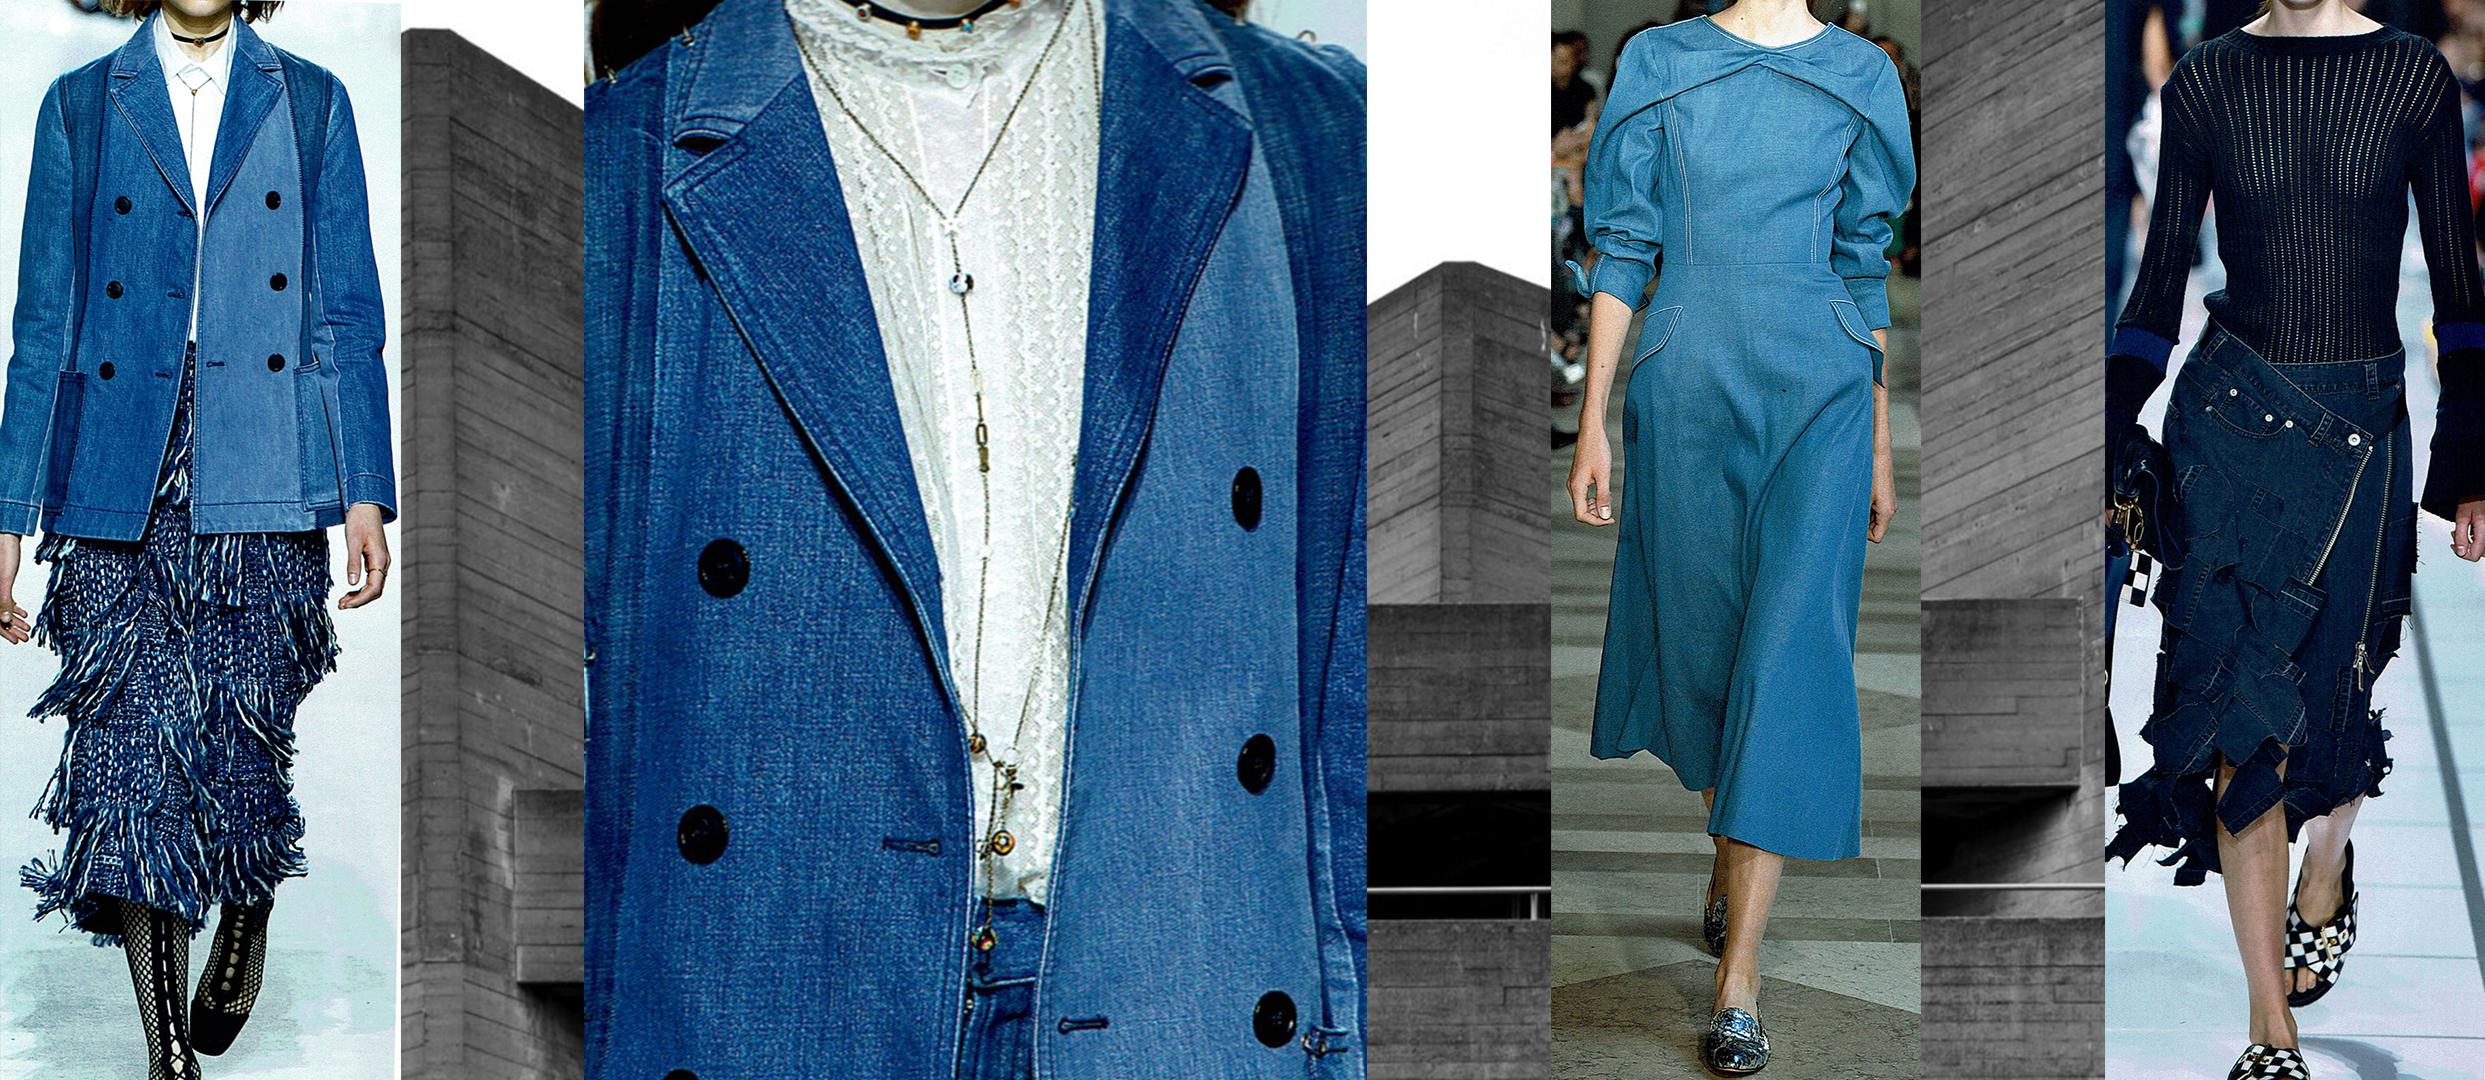 Designers (from left to right): Dior, Dior close up, Carolina Herrera, Sacai